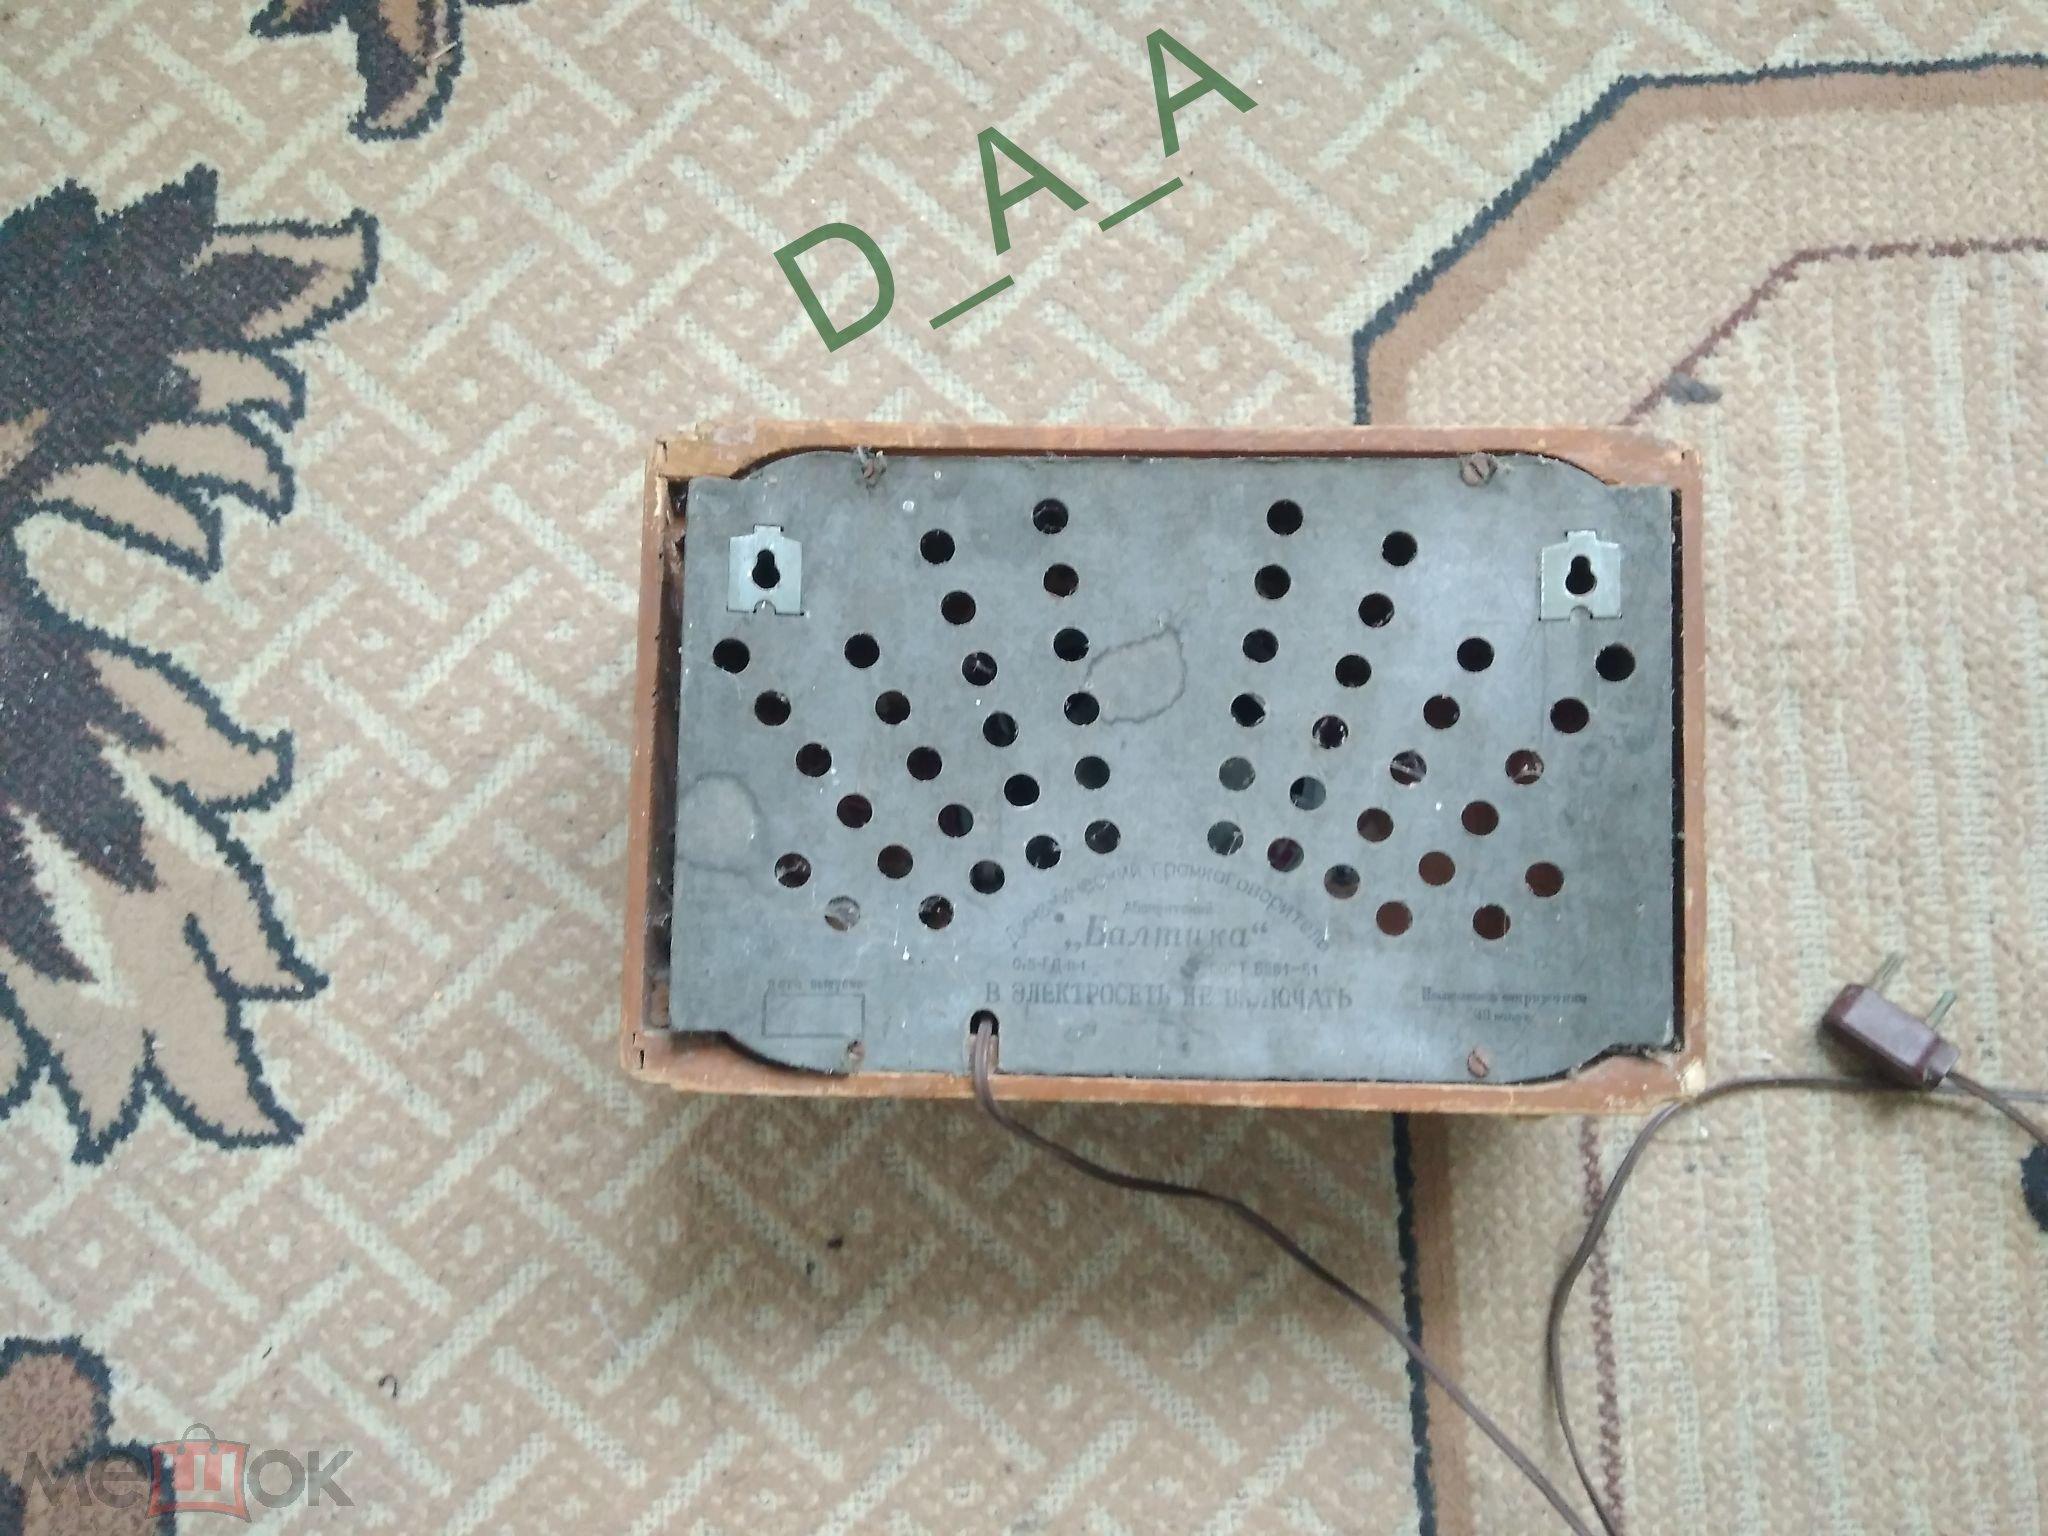 Радиоприемник. Динамический громкоговоритель. Балтика. 1951 года. Состояние на фото.